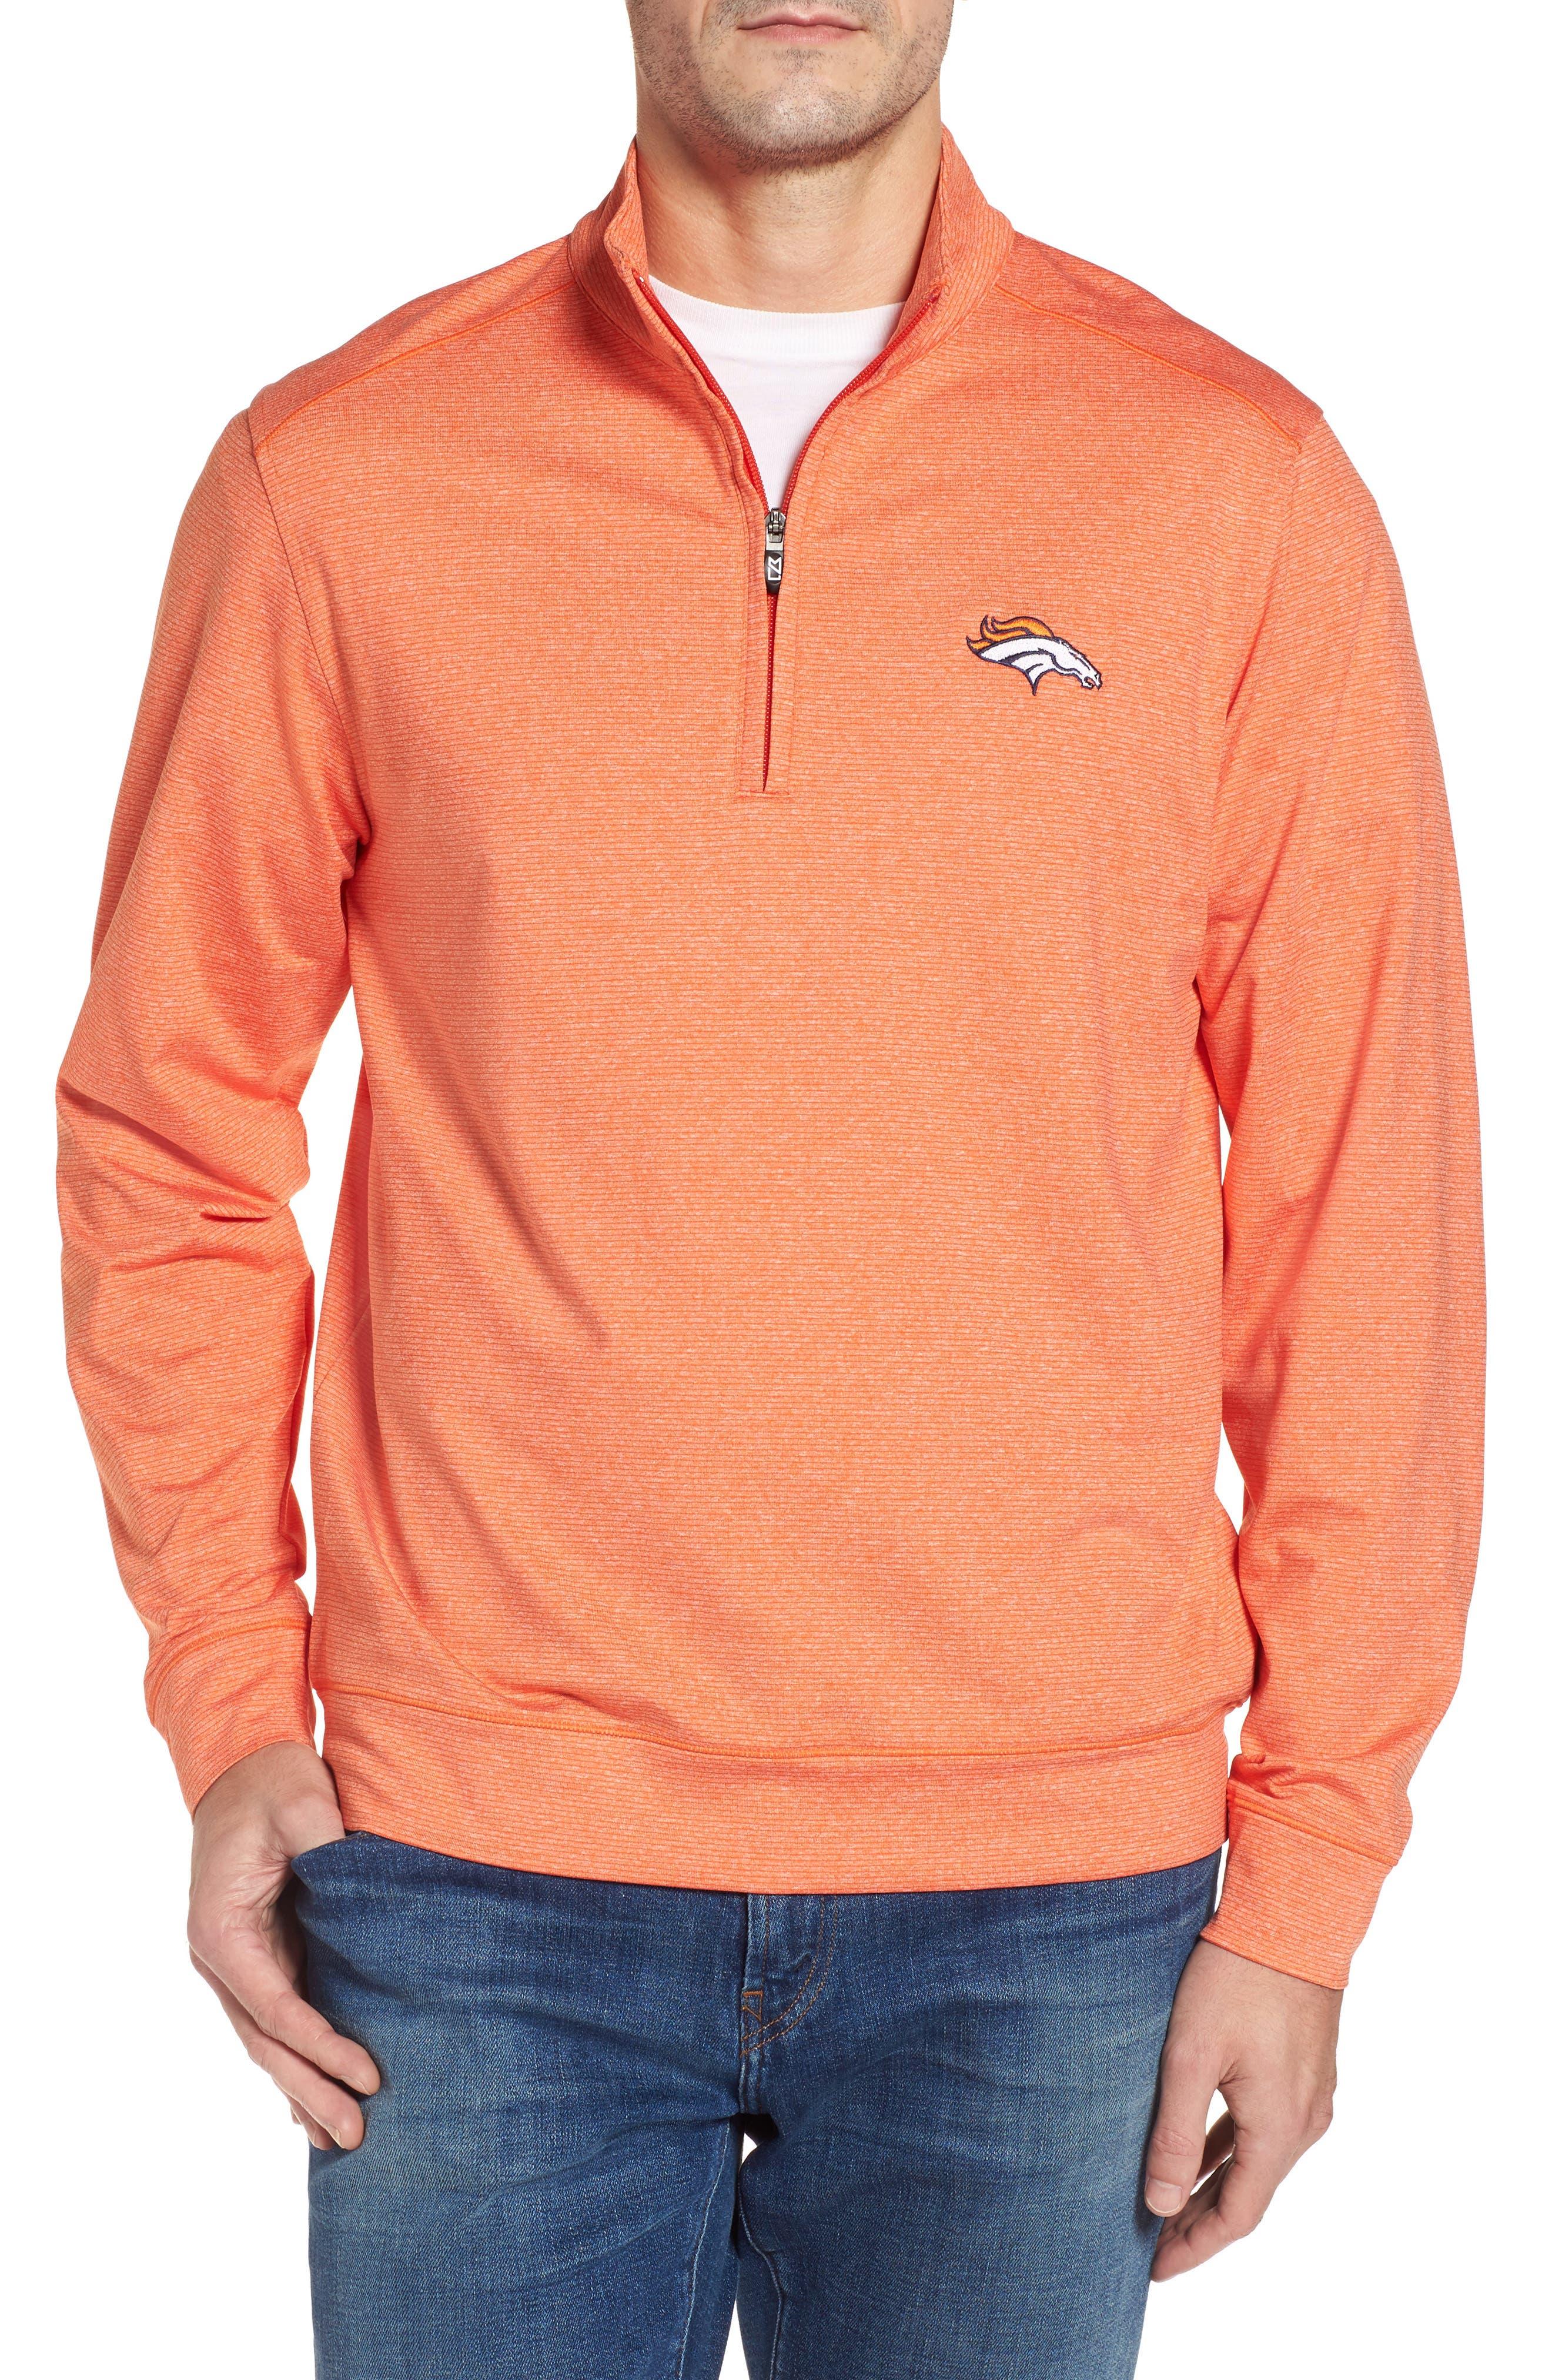 Shoreline - Denver Broncos Half Zip Pullover,                         Main,                         color, College Orange Heather